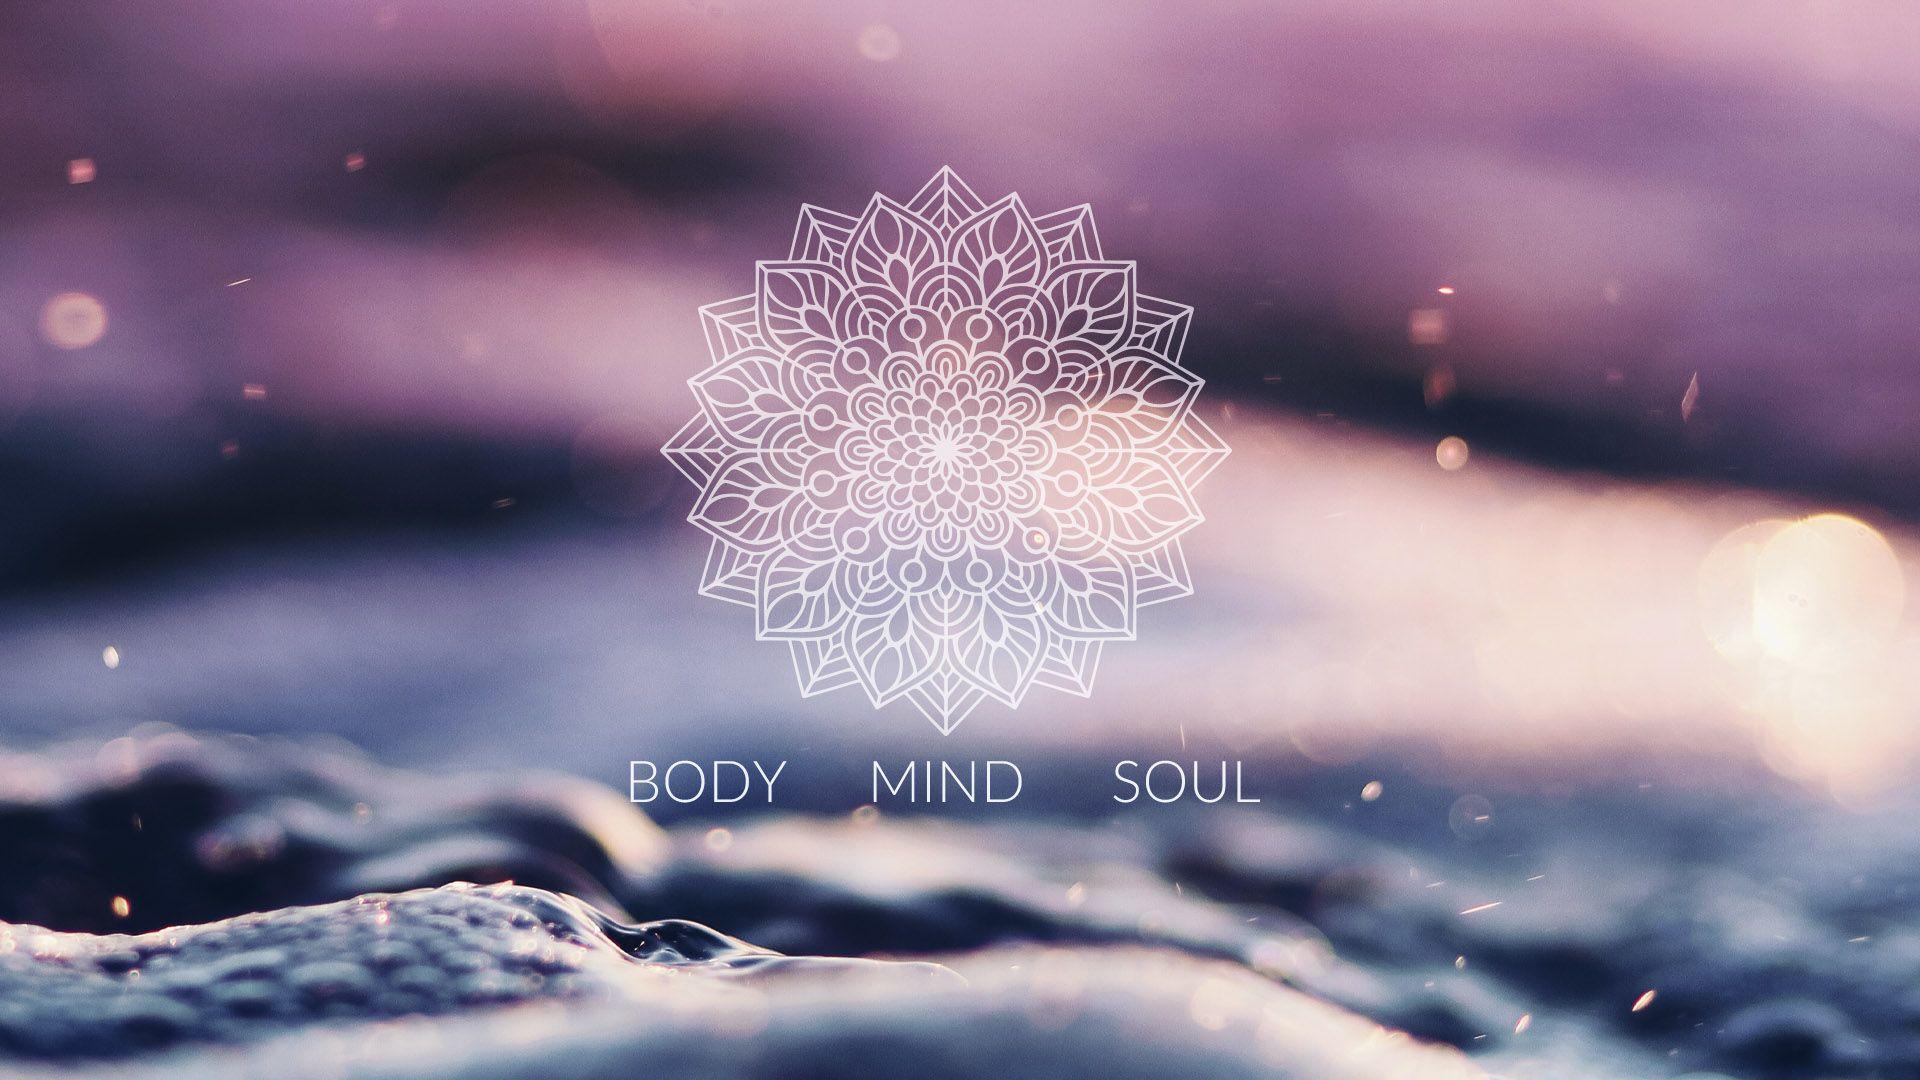 Spiritual Body Mind Soul Desktop Pc Wallpaper Oboi Dlya Rabochego Stola Oboi Joga